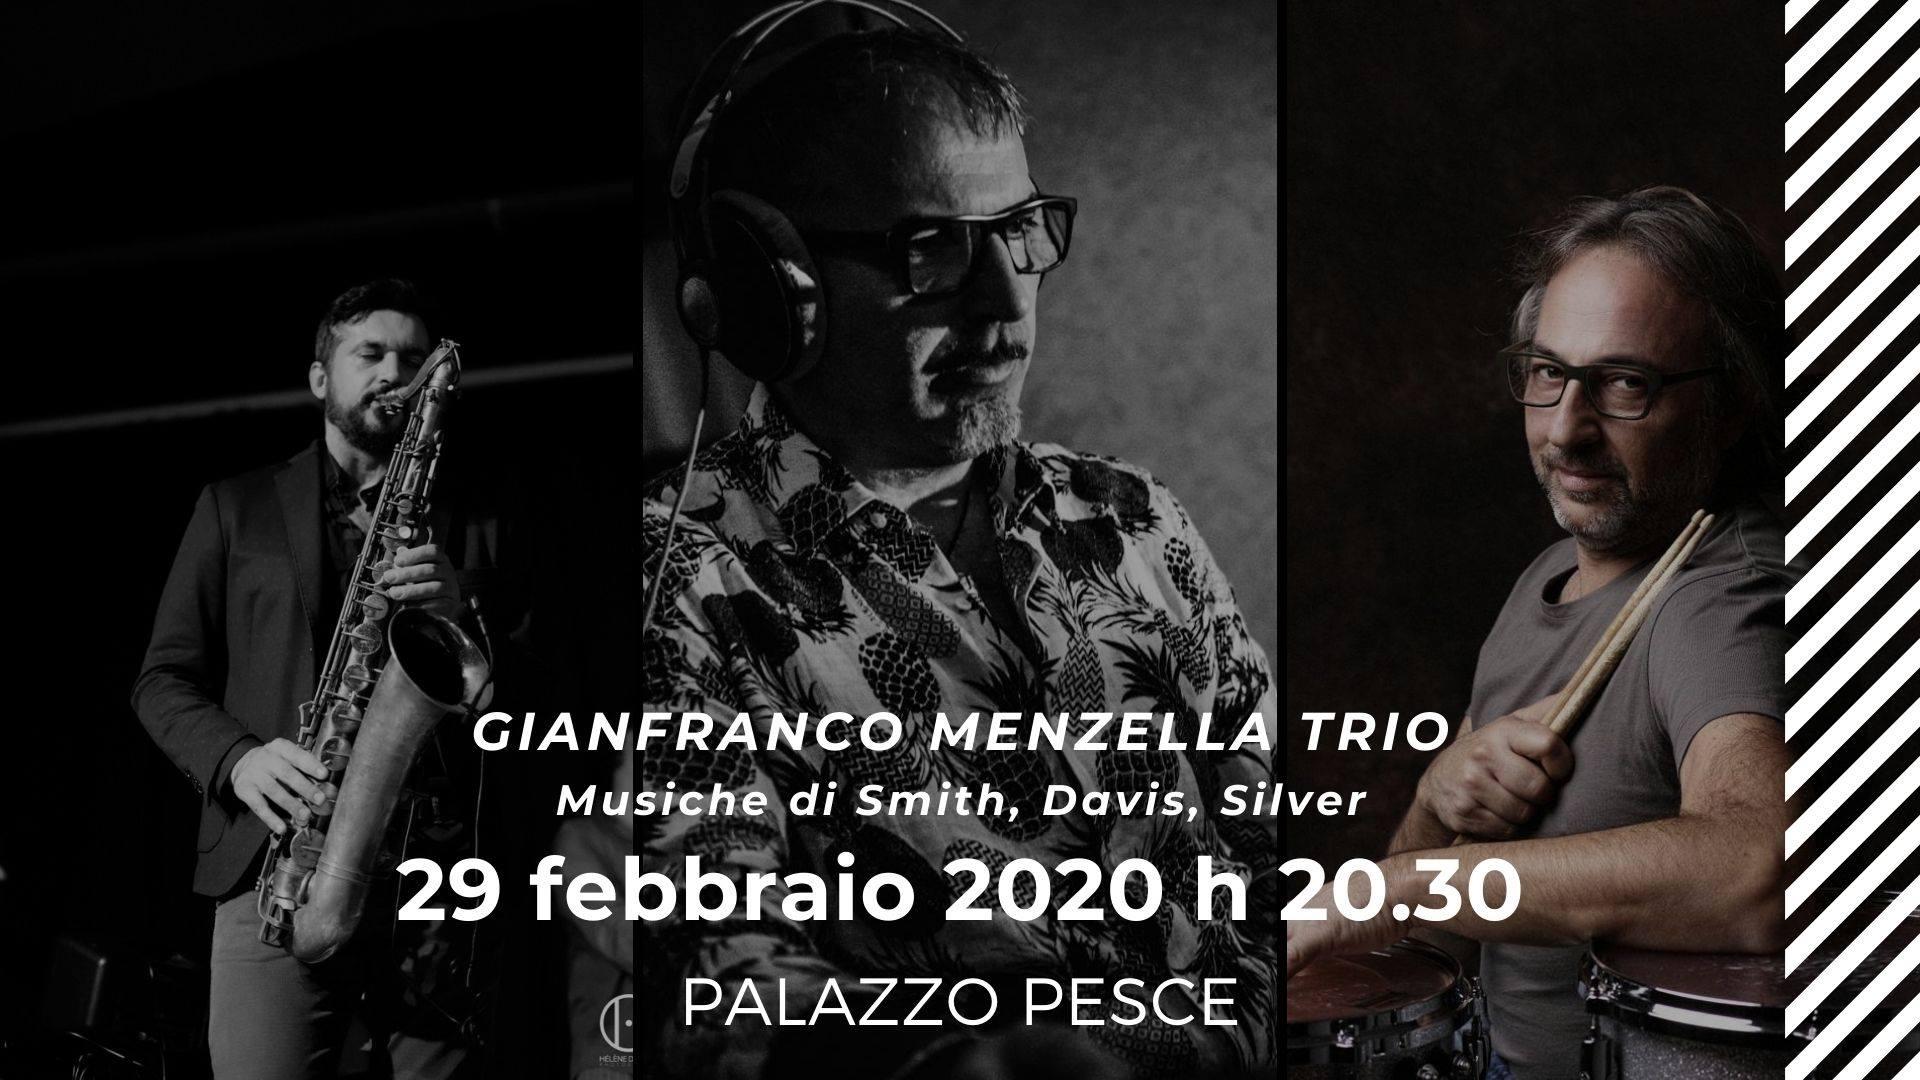 29 febbraio Menzella trio a Palazzo Pesce